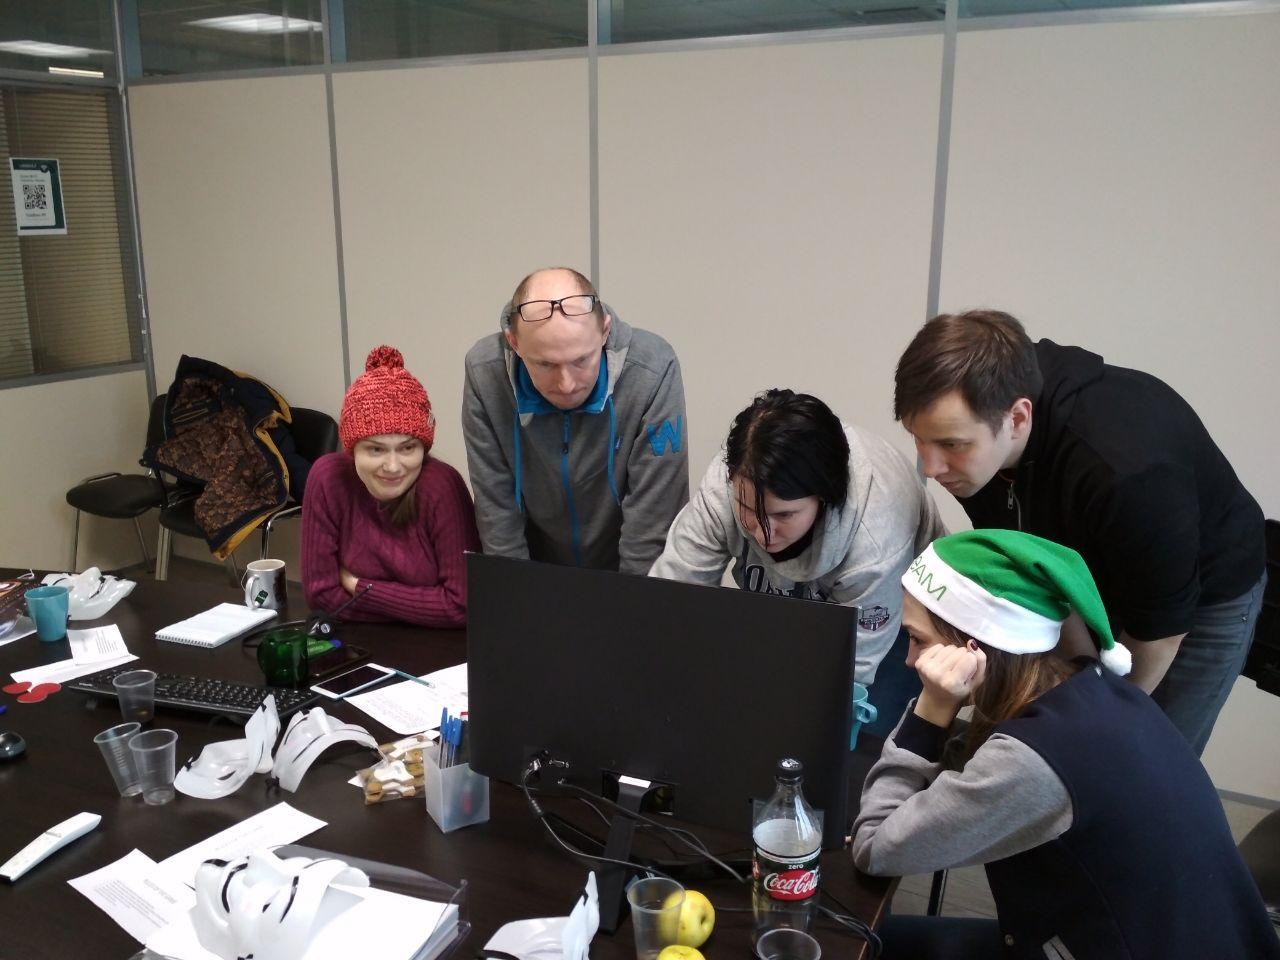 Кибер-квест от команды техподдержки Veeam